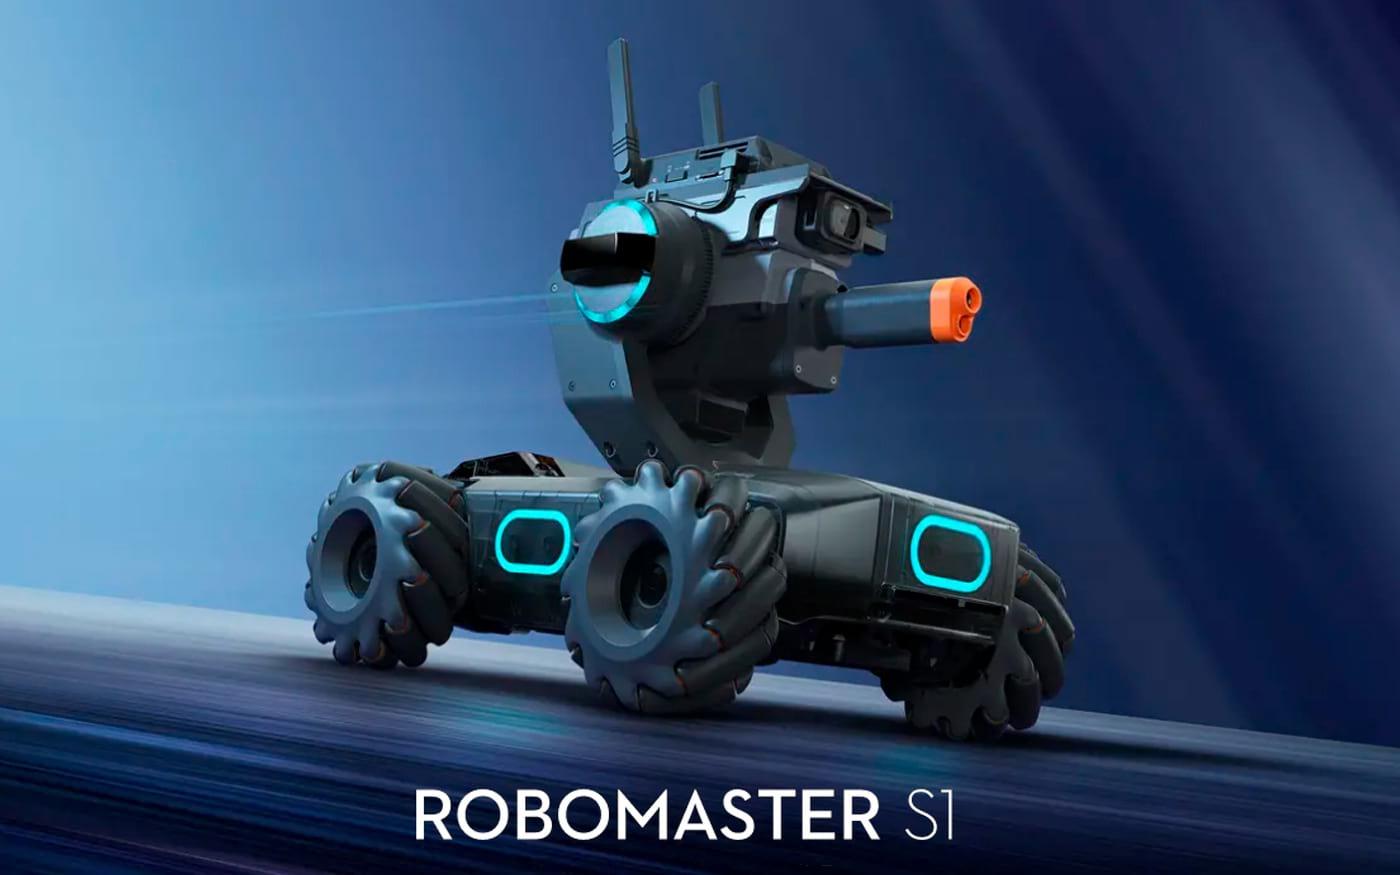 DJI lança robô educacional RoboMaster S1